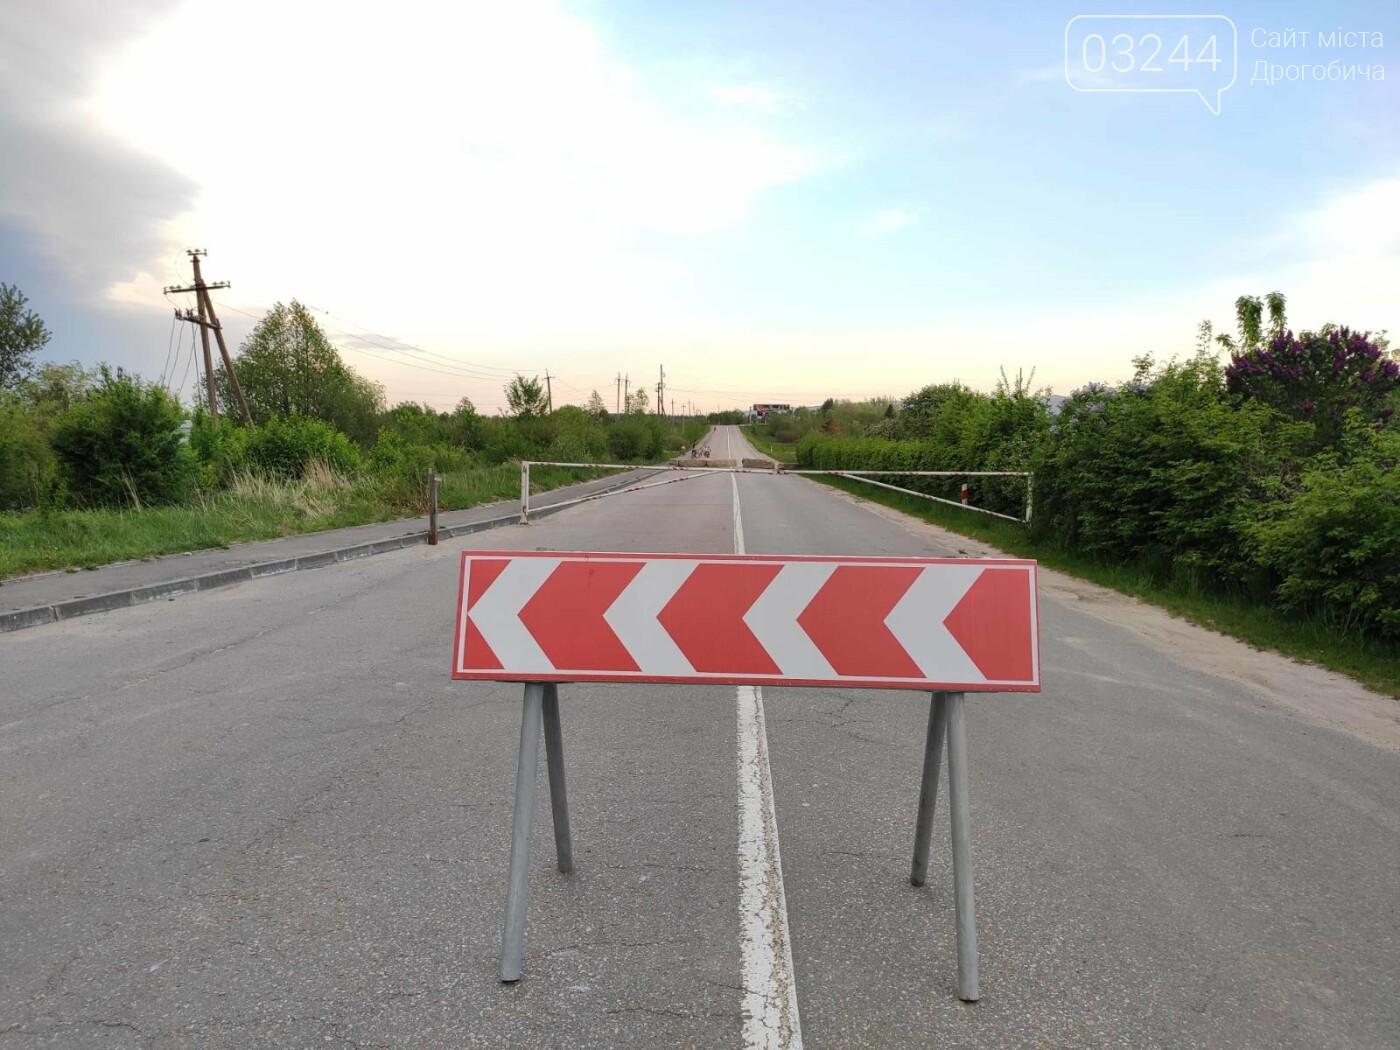 Проїзду немає! На дорозі Дрогобич - Трускавець закрили шлагбаум, - ФОТО, фото-1